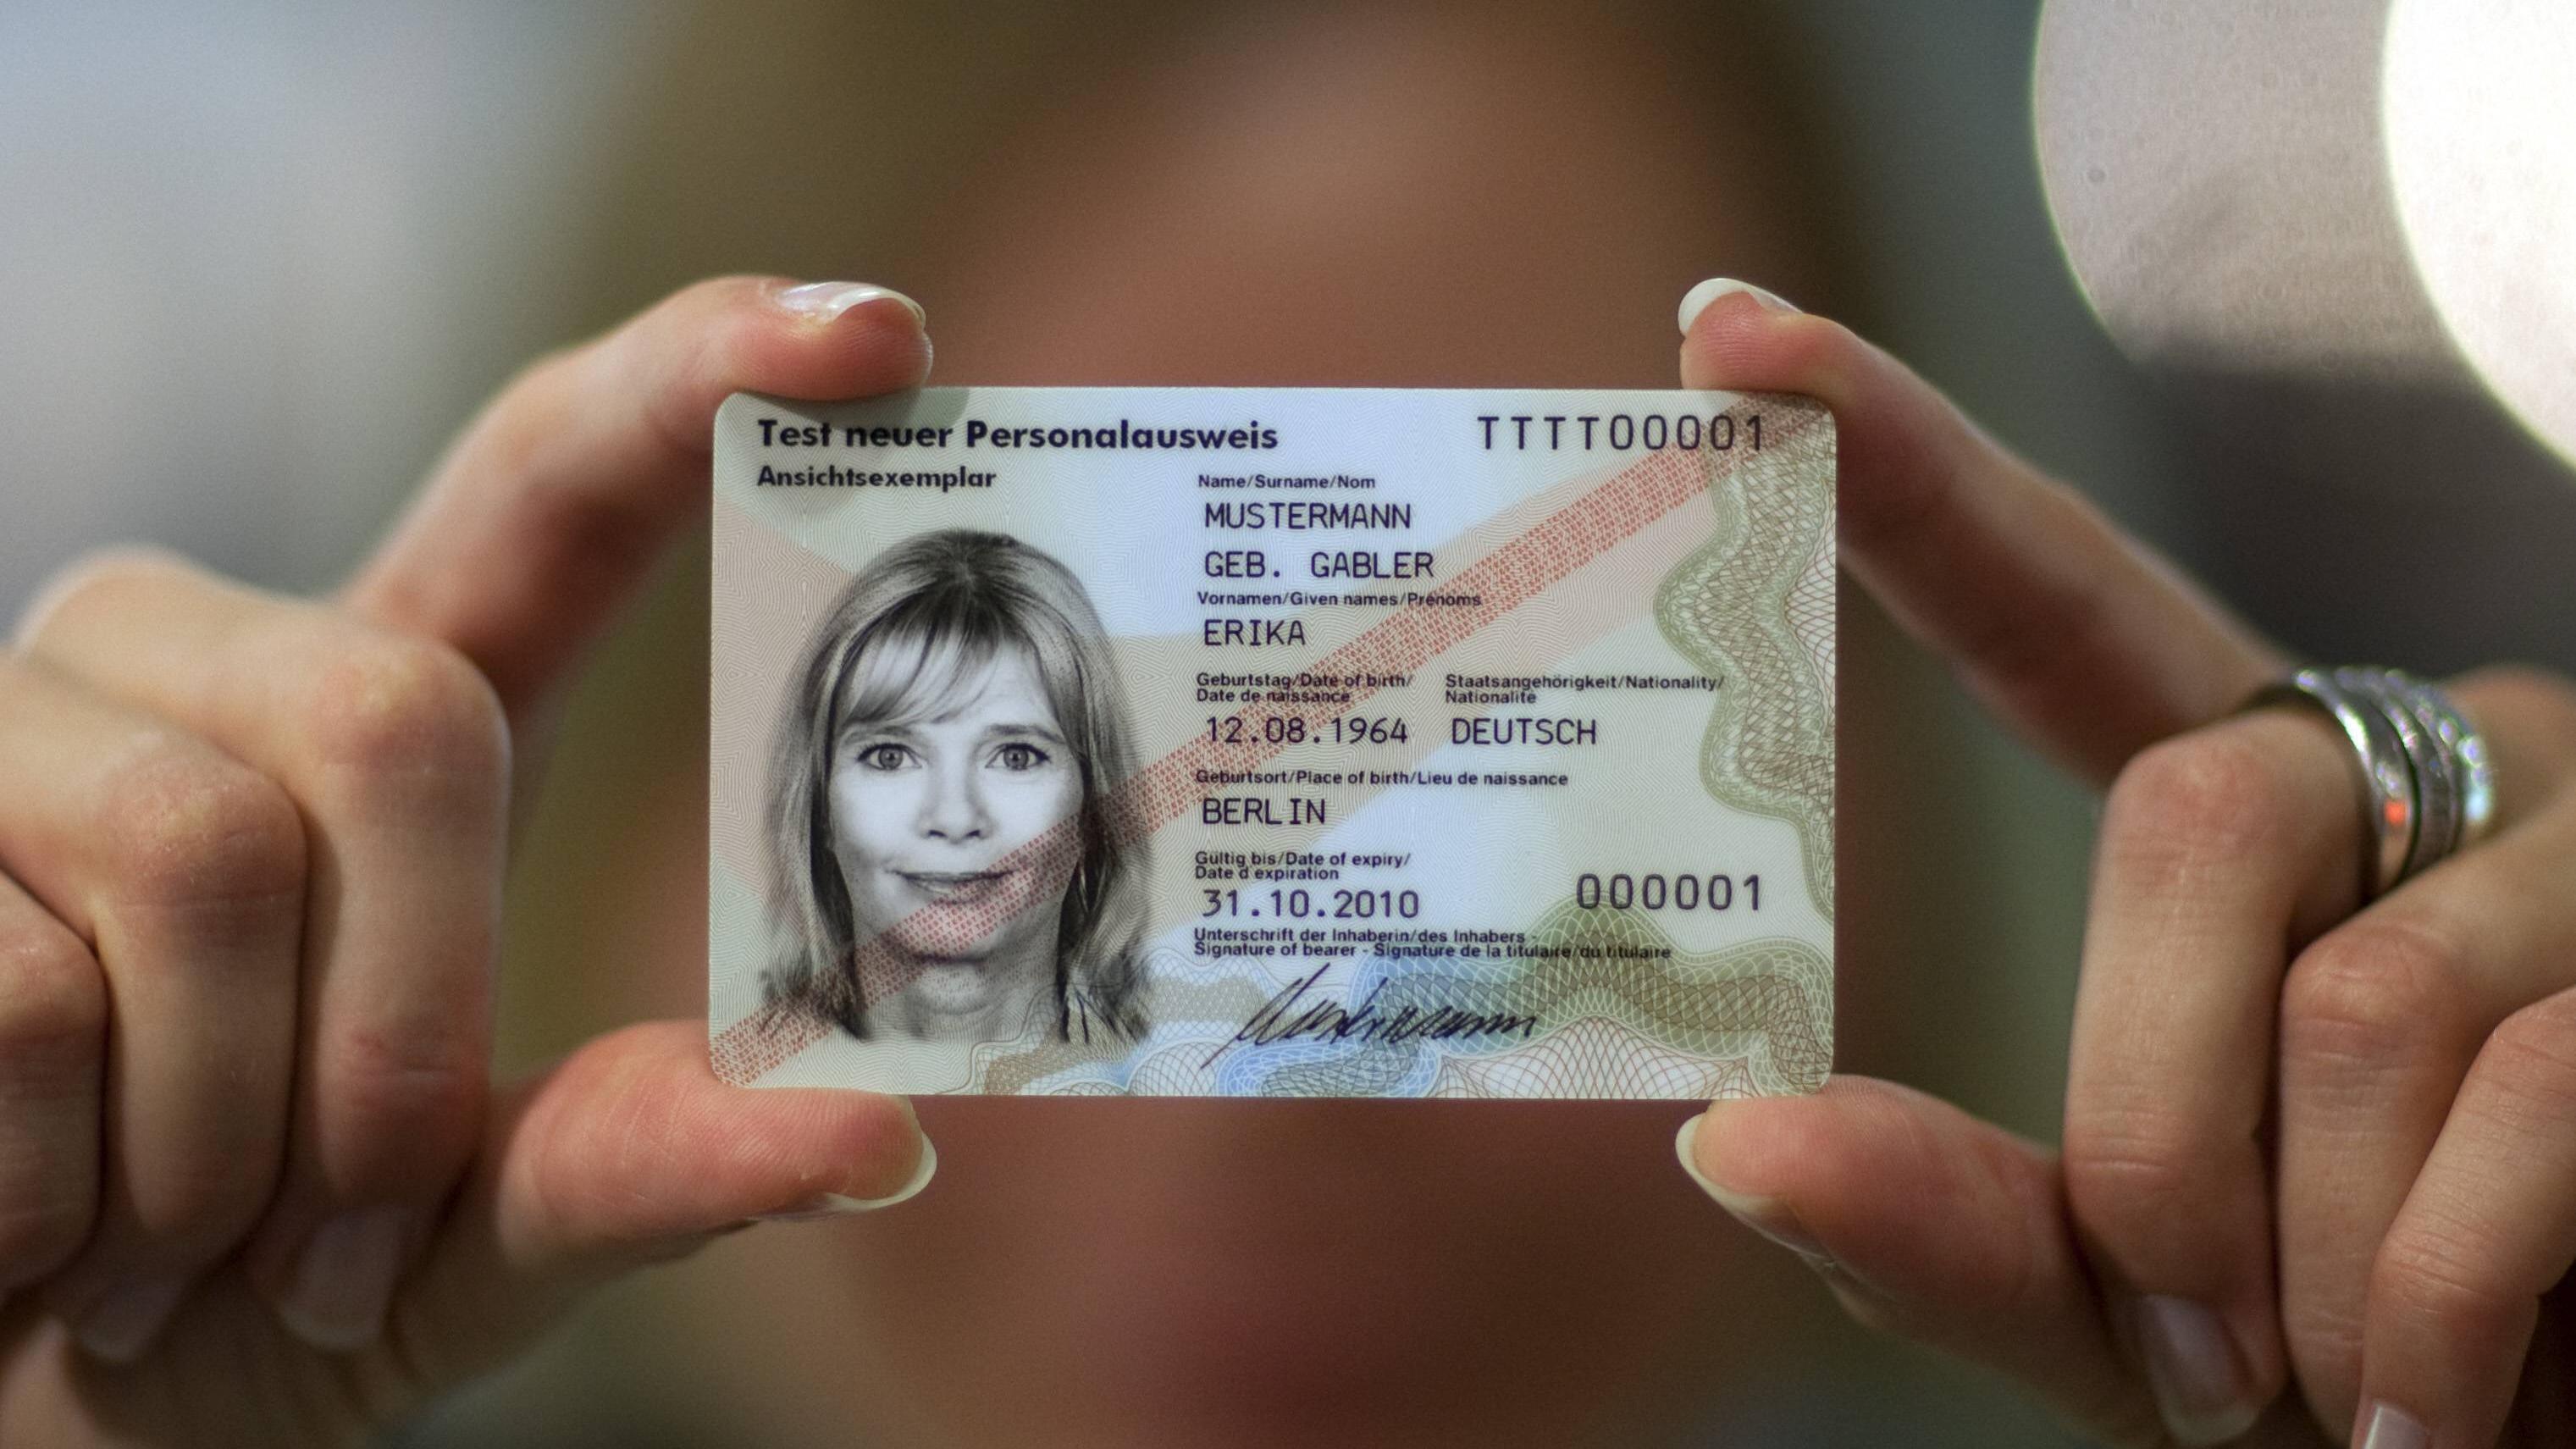 Personalausweis verlängern - so geht's